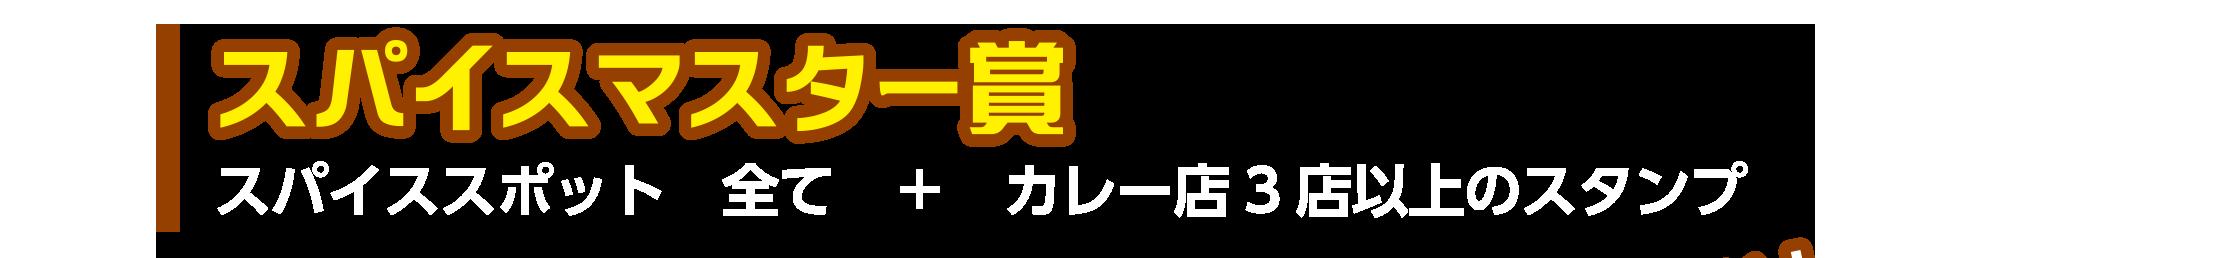 スパイスマスター賞